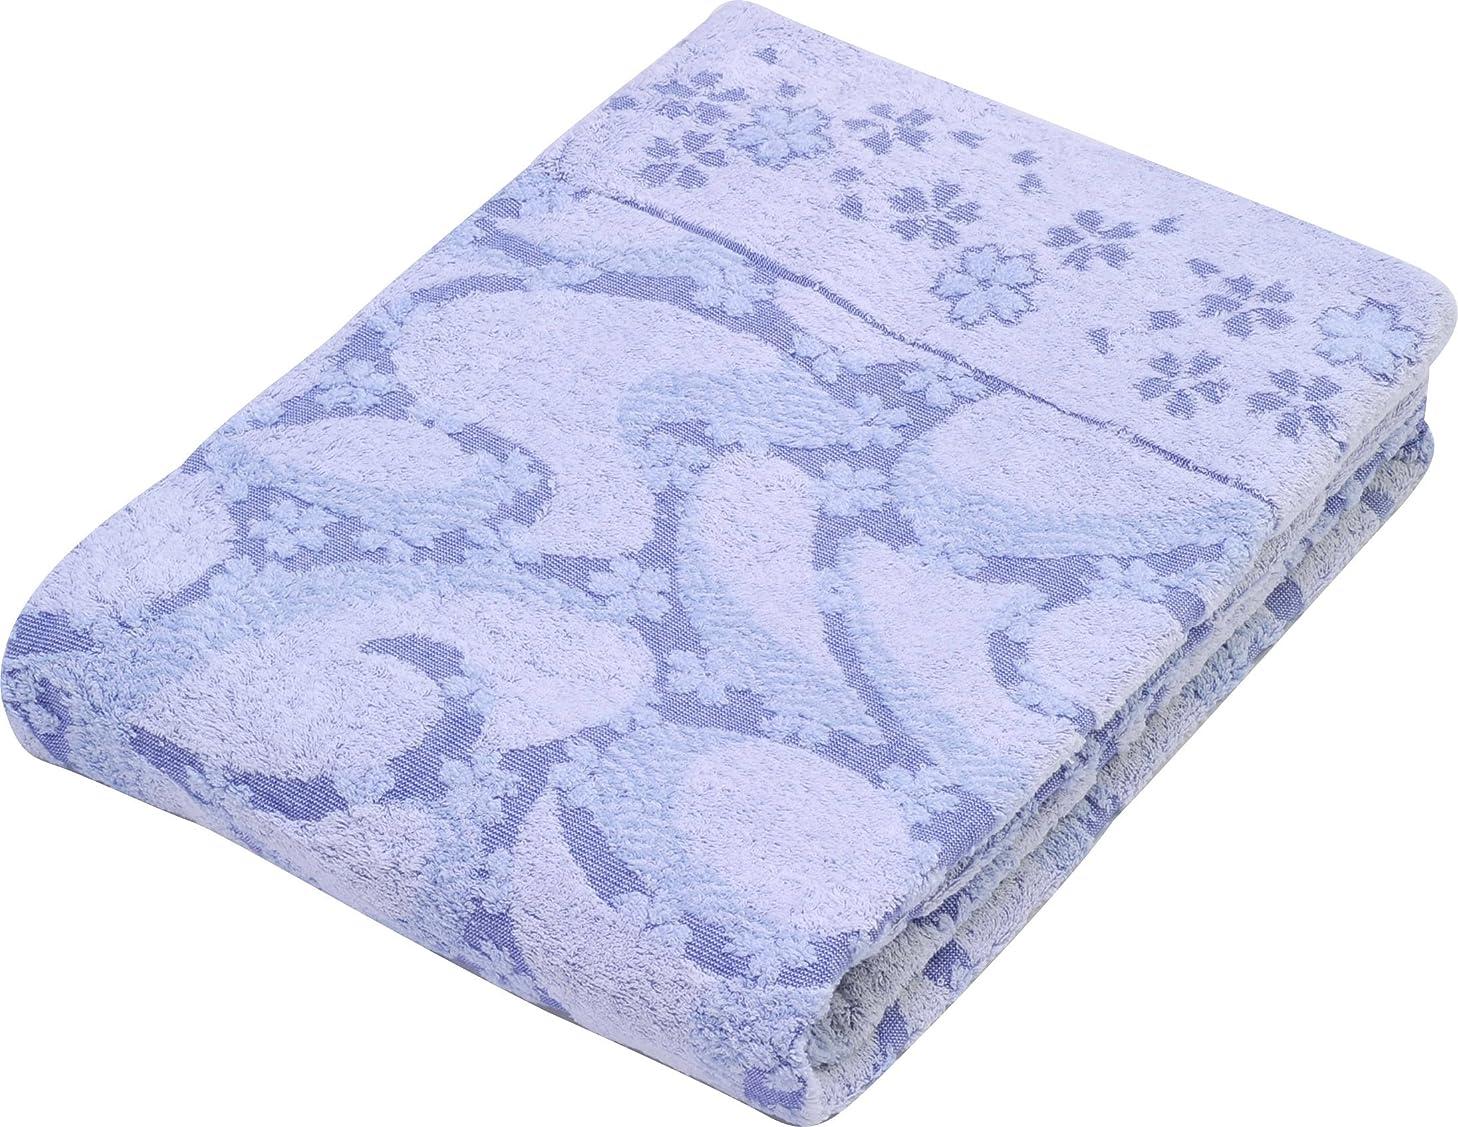 鏡姉妹在庫京都西川 今治 タオルケット 日本製 シングル 綿100% ジャカード織り 桜と流水柄 ブルー SM-8612